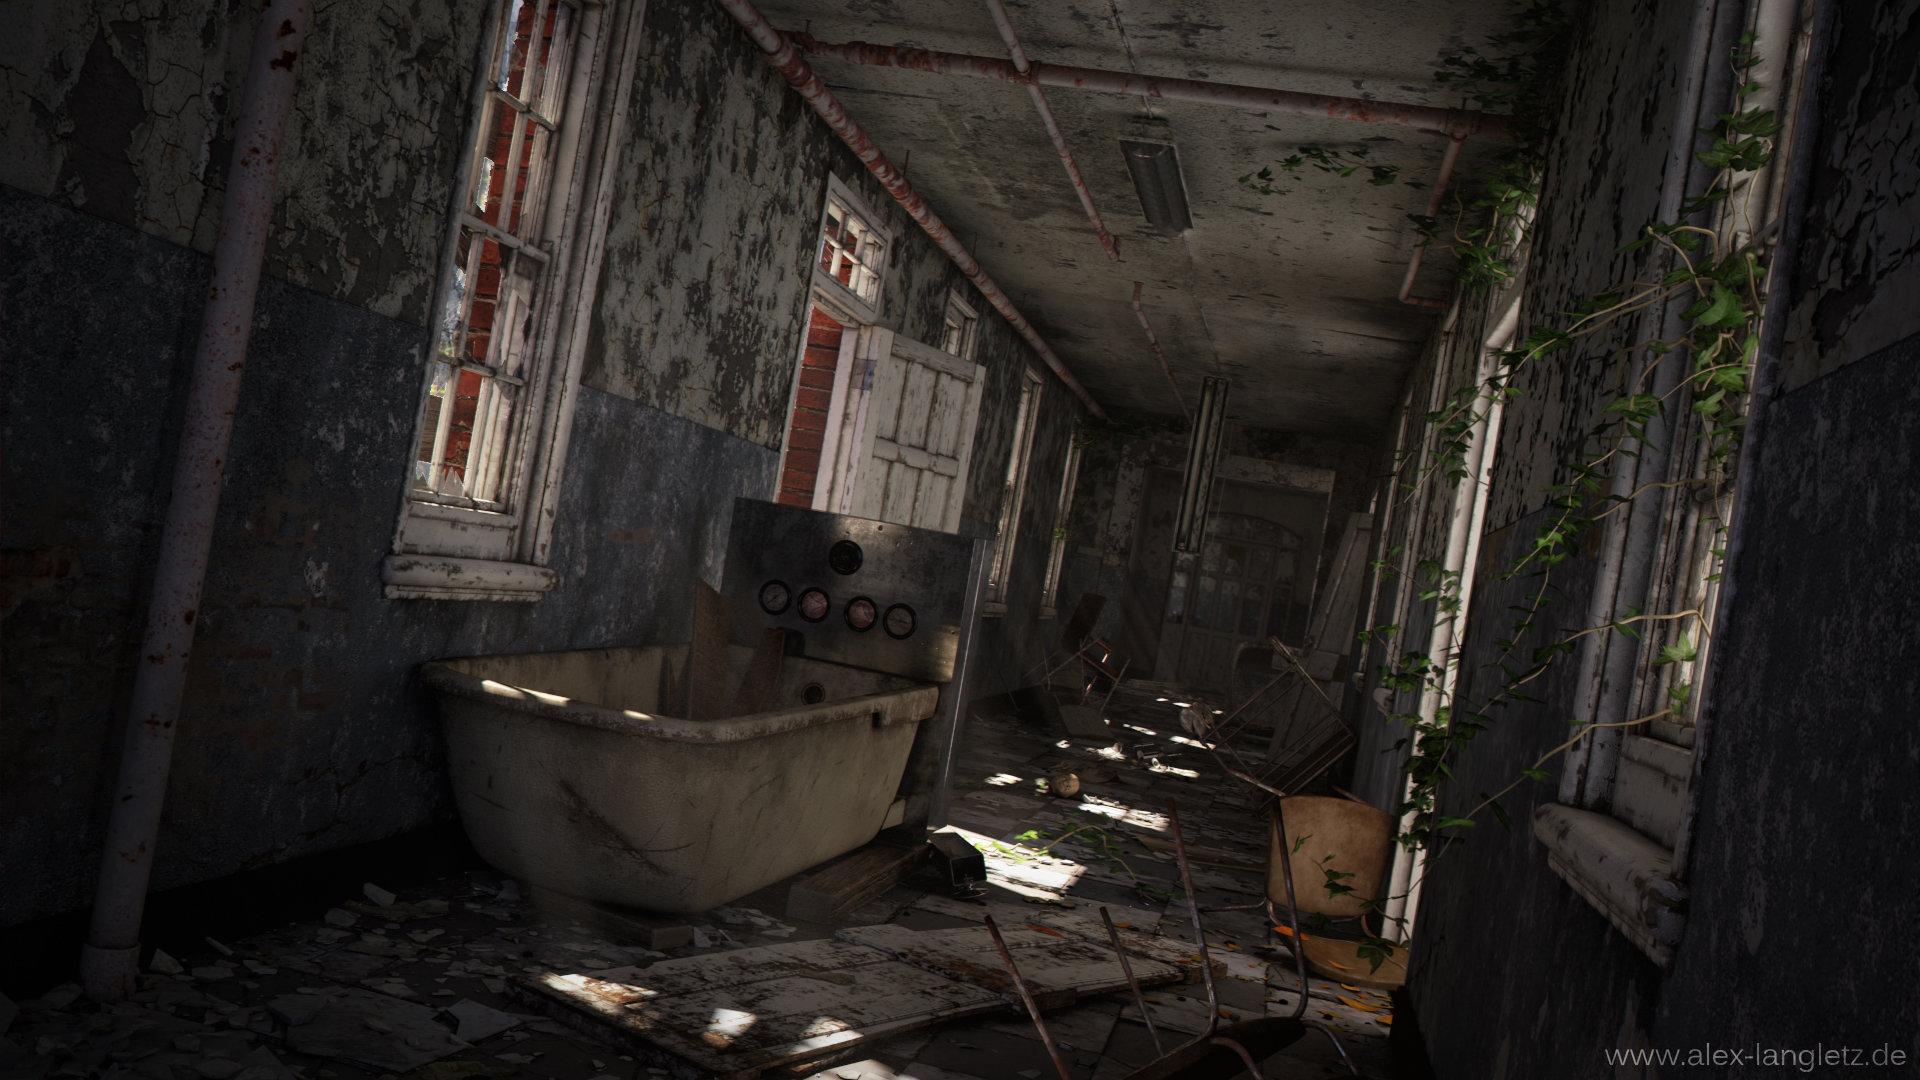 Alex langletz abandoned asylum